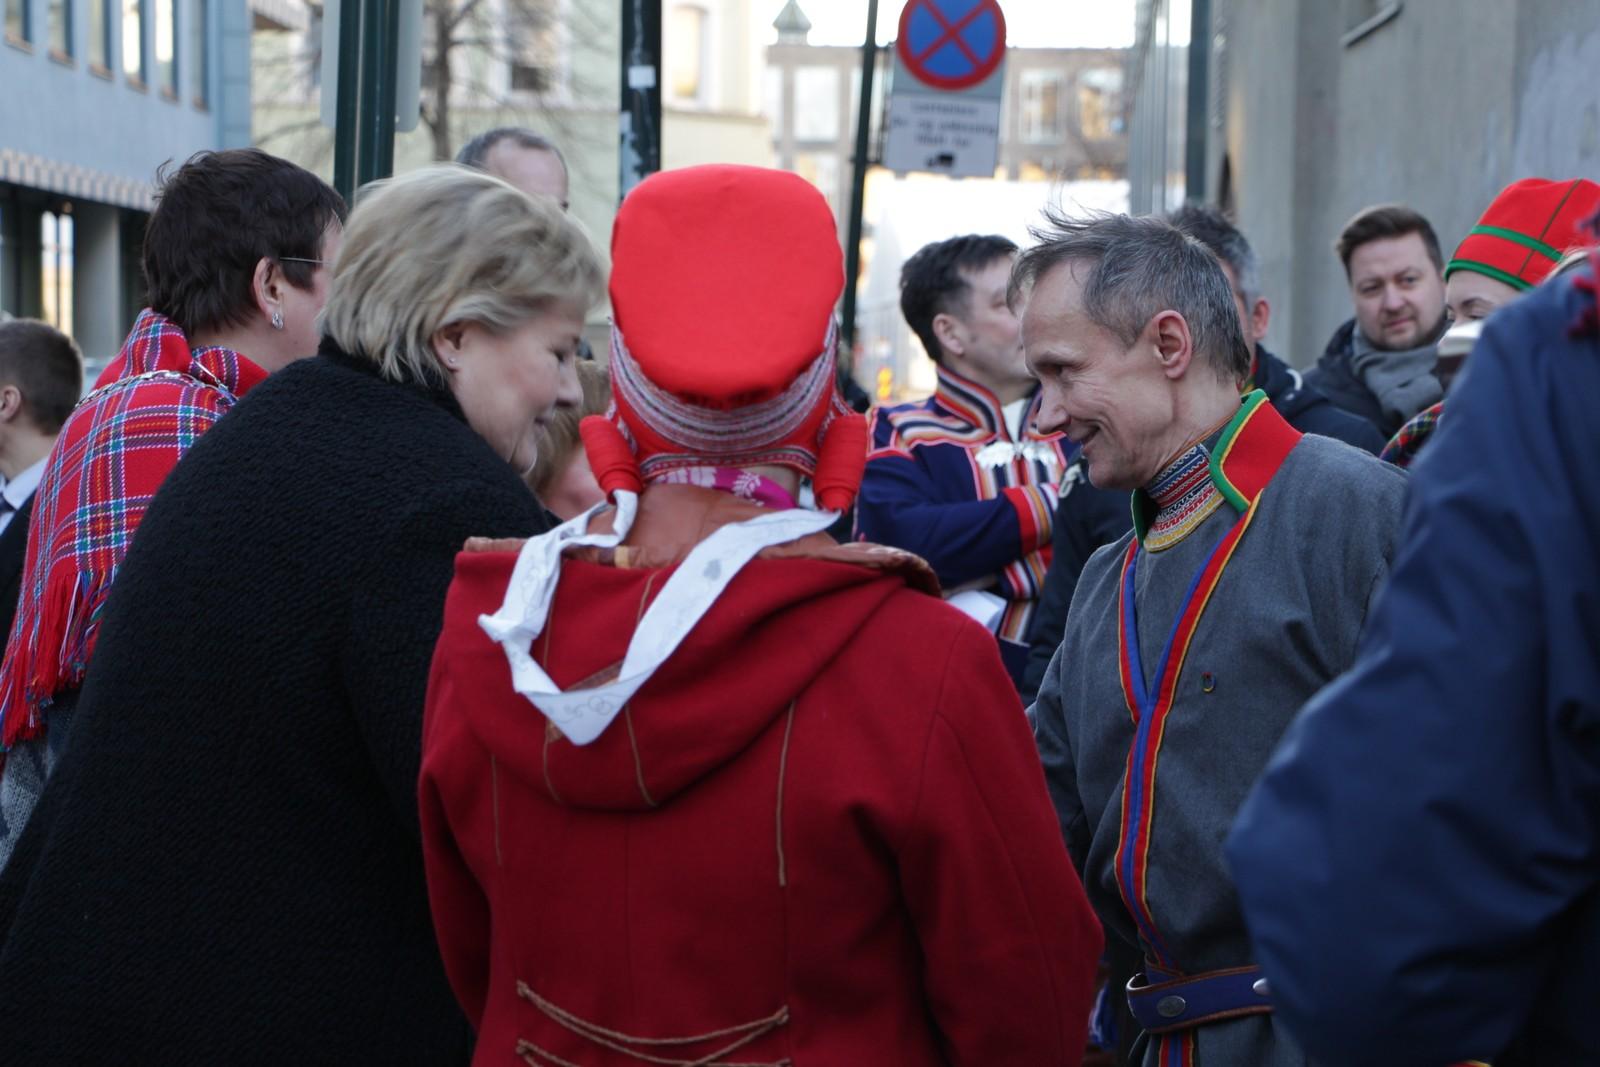 Statsminister Erna Solberg hilser på den svenske sametingspresidenten Håkan Jonsson utenfor Metodistkirken.